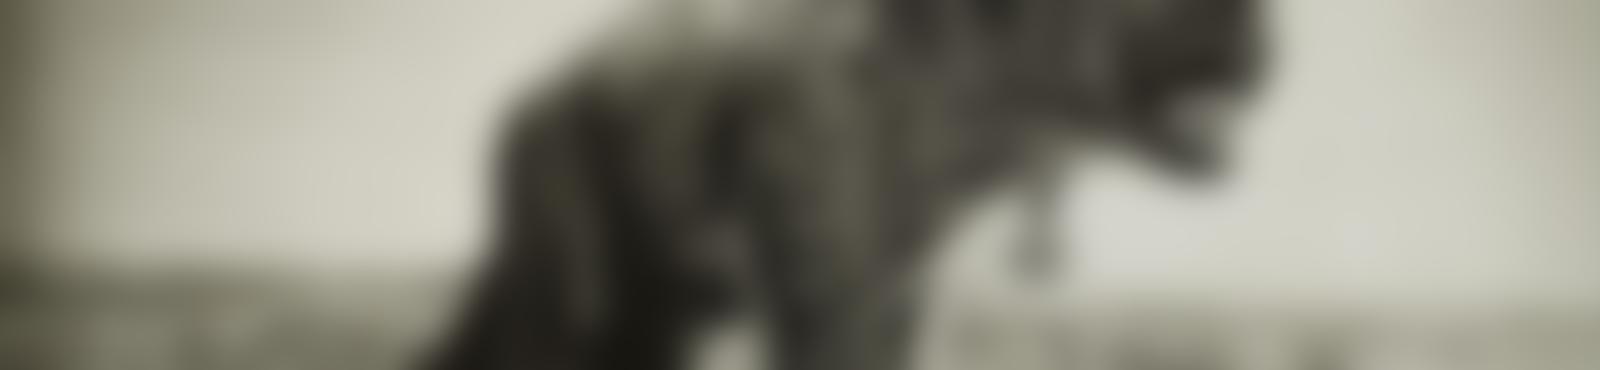 Blurred 2348282f 5068 4a7f 9ca5 a2660aa12230